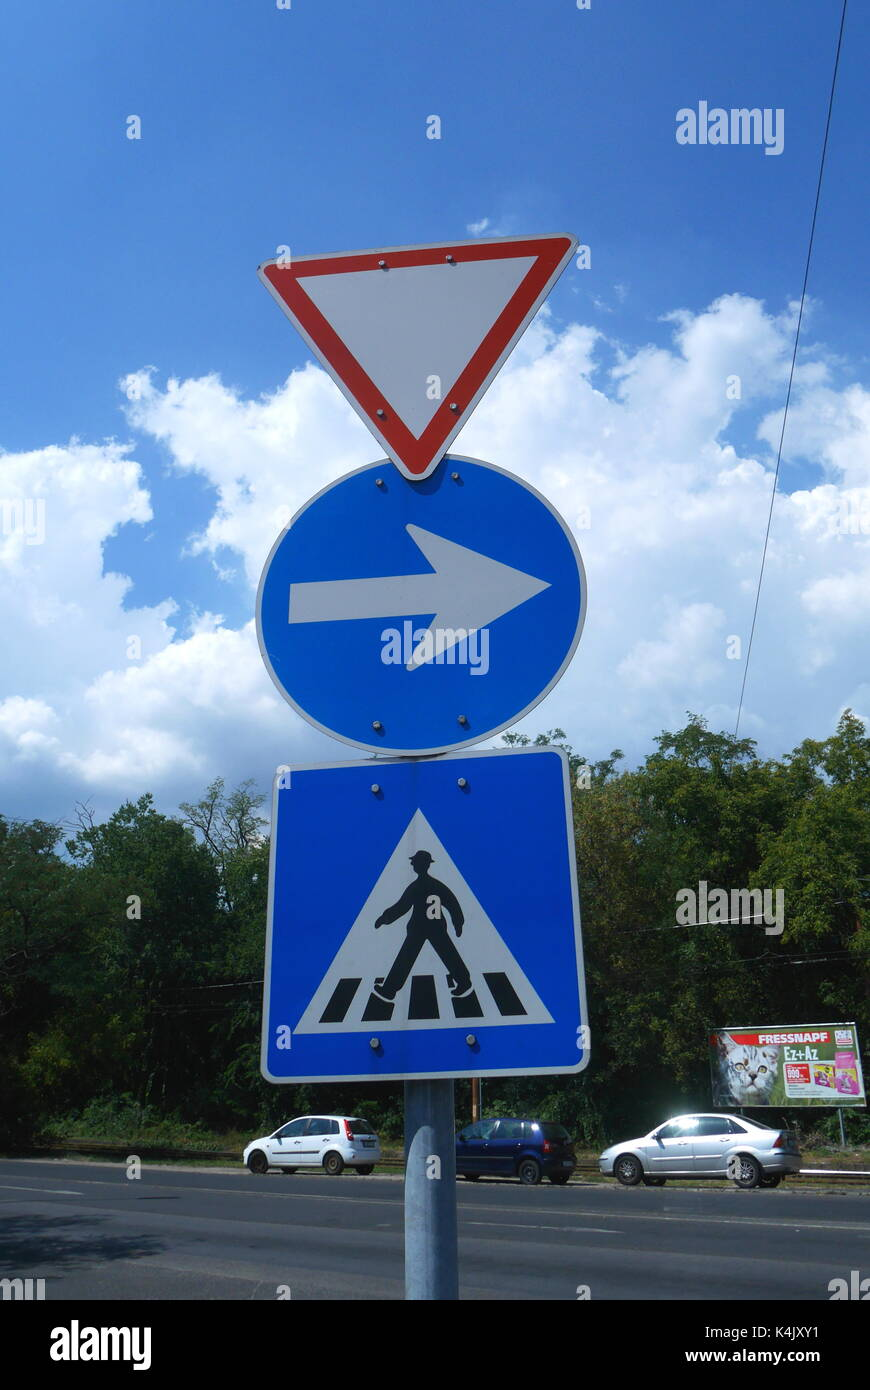 Beschilderung den Weg, ein Weg, Fußgängerüberweg, Budapest, Ungarn Stockbild